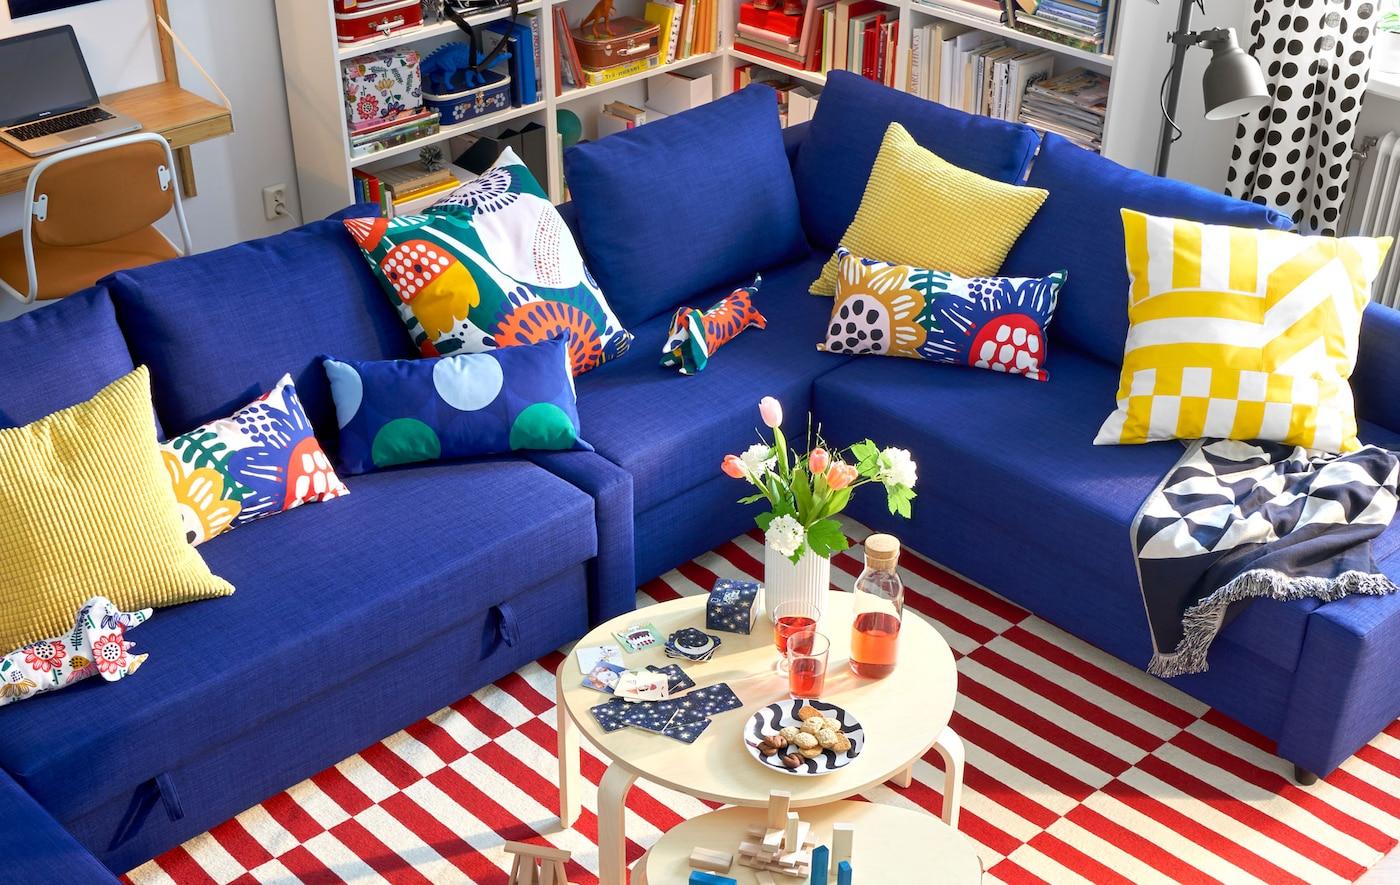 Canapé d'angle bleu avec coussins multicolores, deux tables basses circulaires et un tapis à rayures.